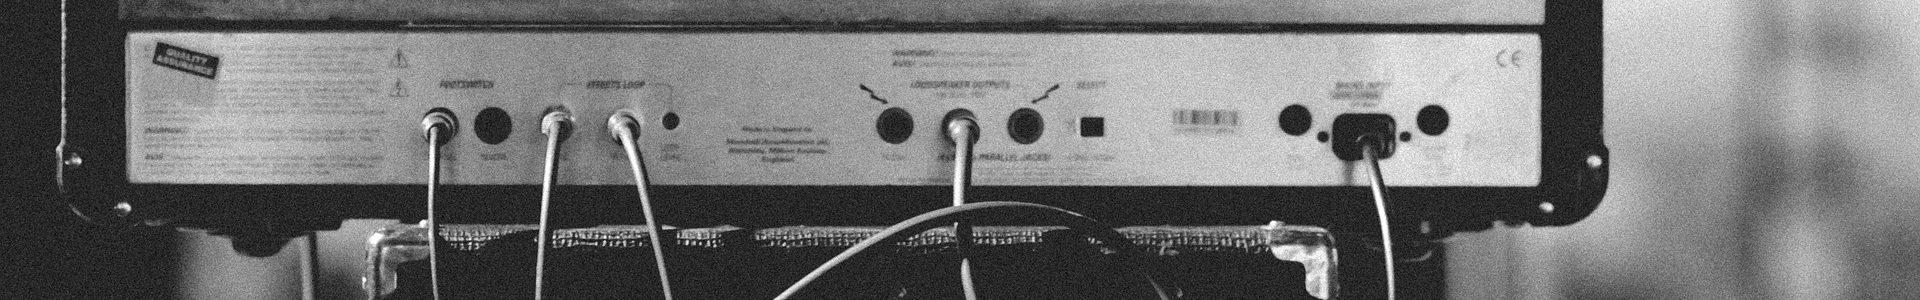 amplifier-1246645_1920